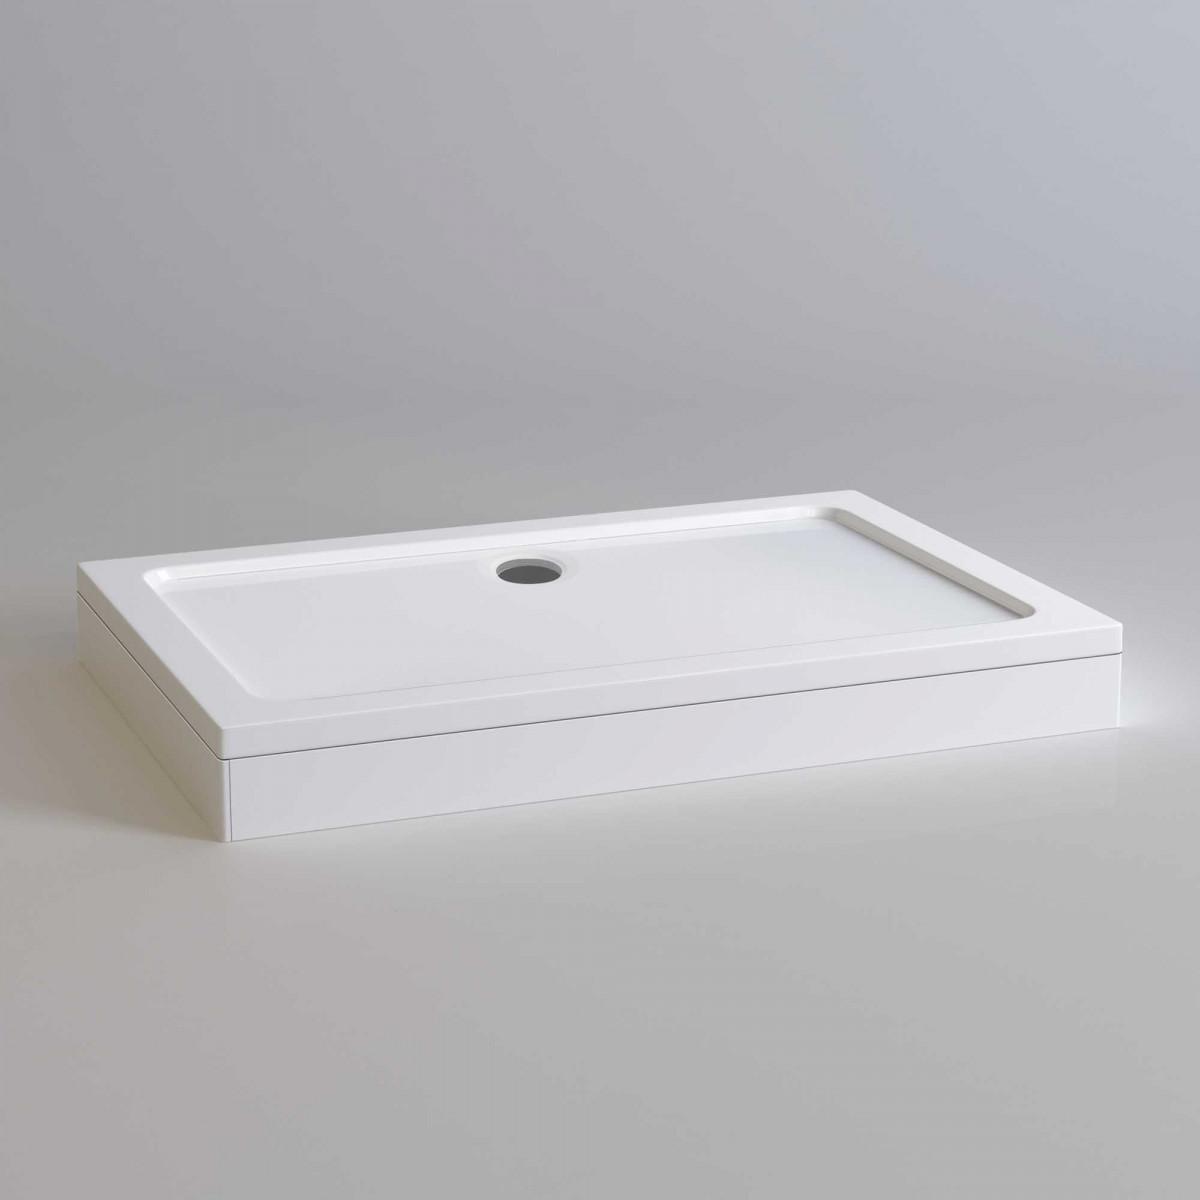 kartell rectangle shower tray 900 x 700mm krr0907l. Black Bedroom Furniture Sets. Home Design Ideas